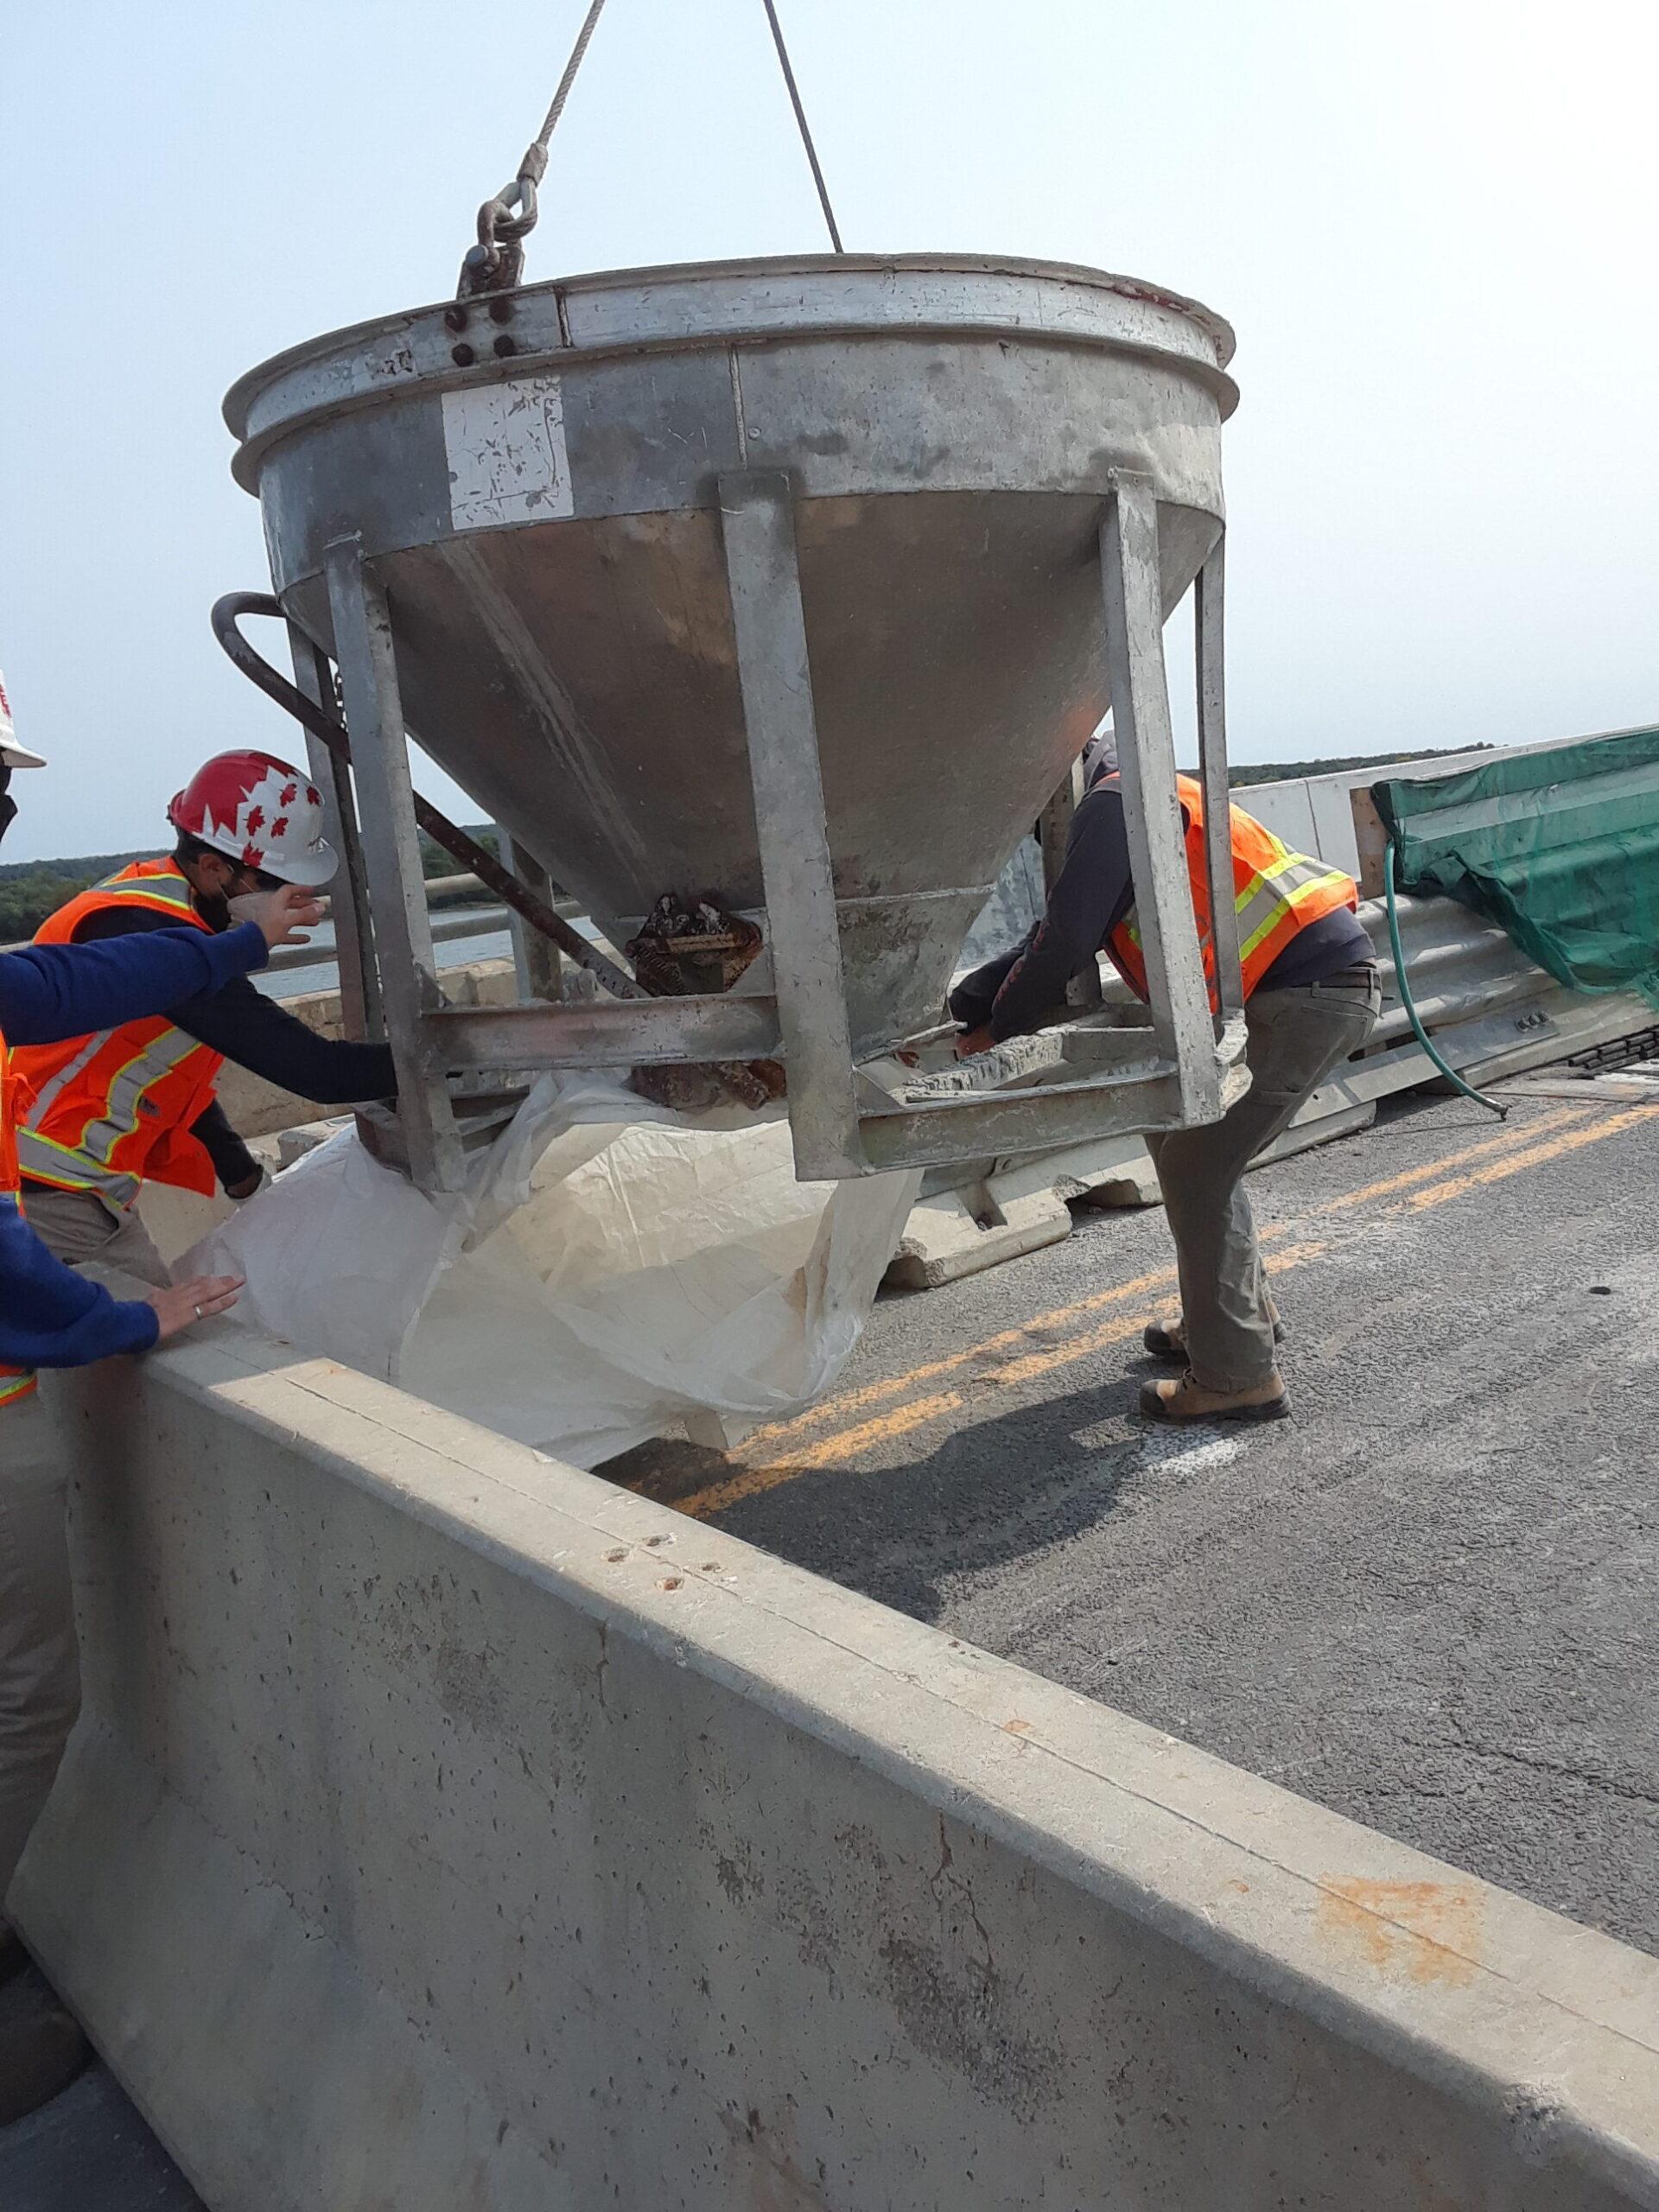 Preparing the concrete hopper for concrete placement